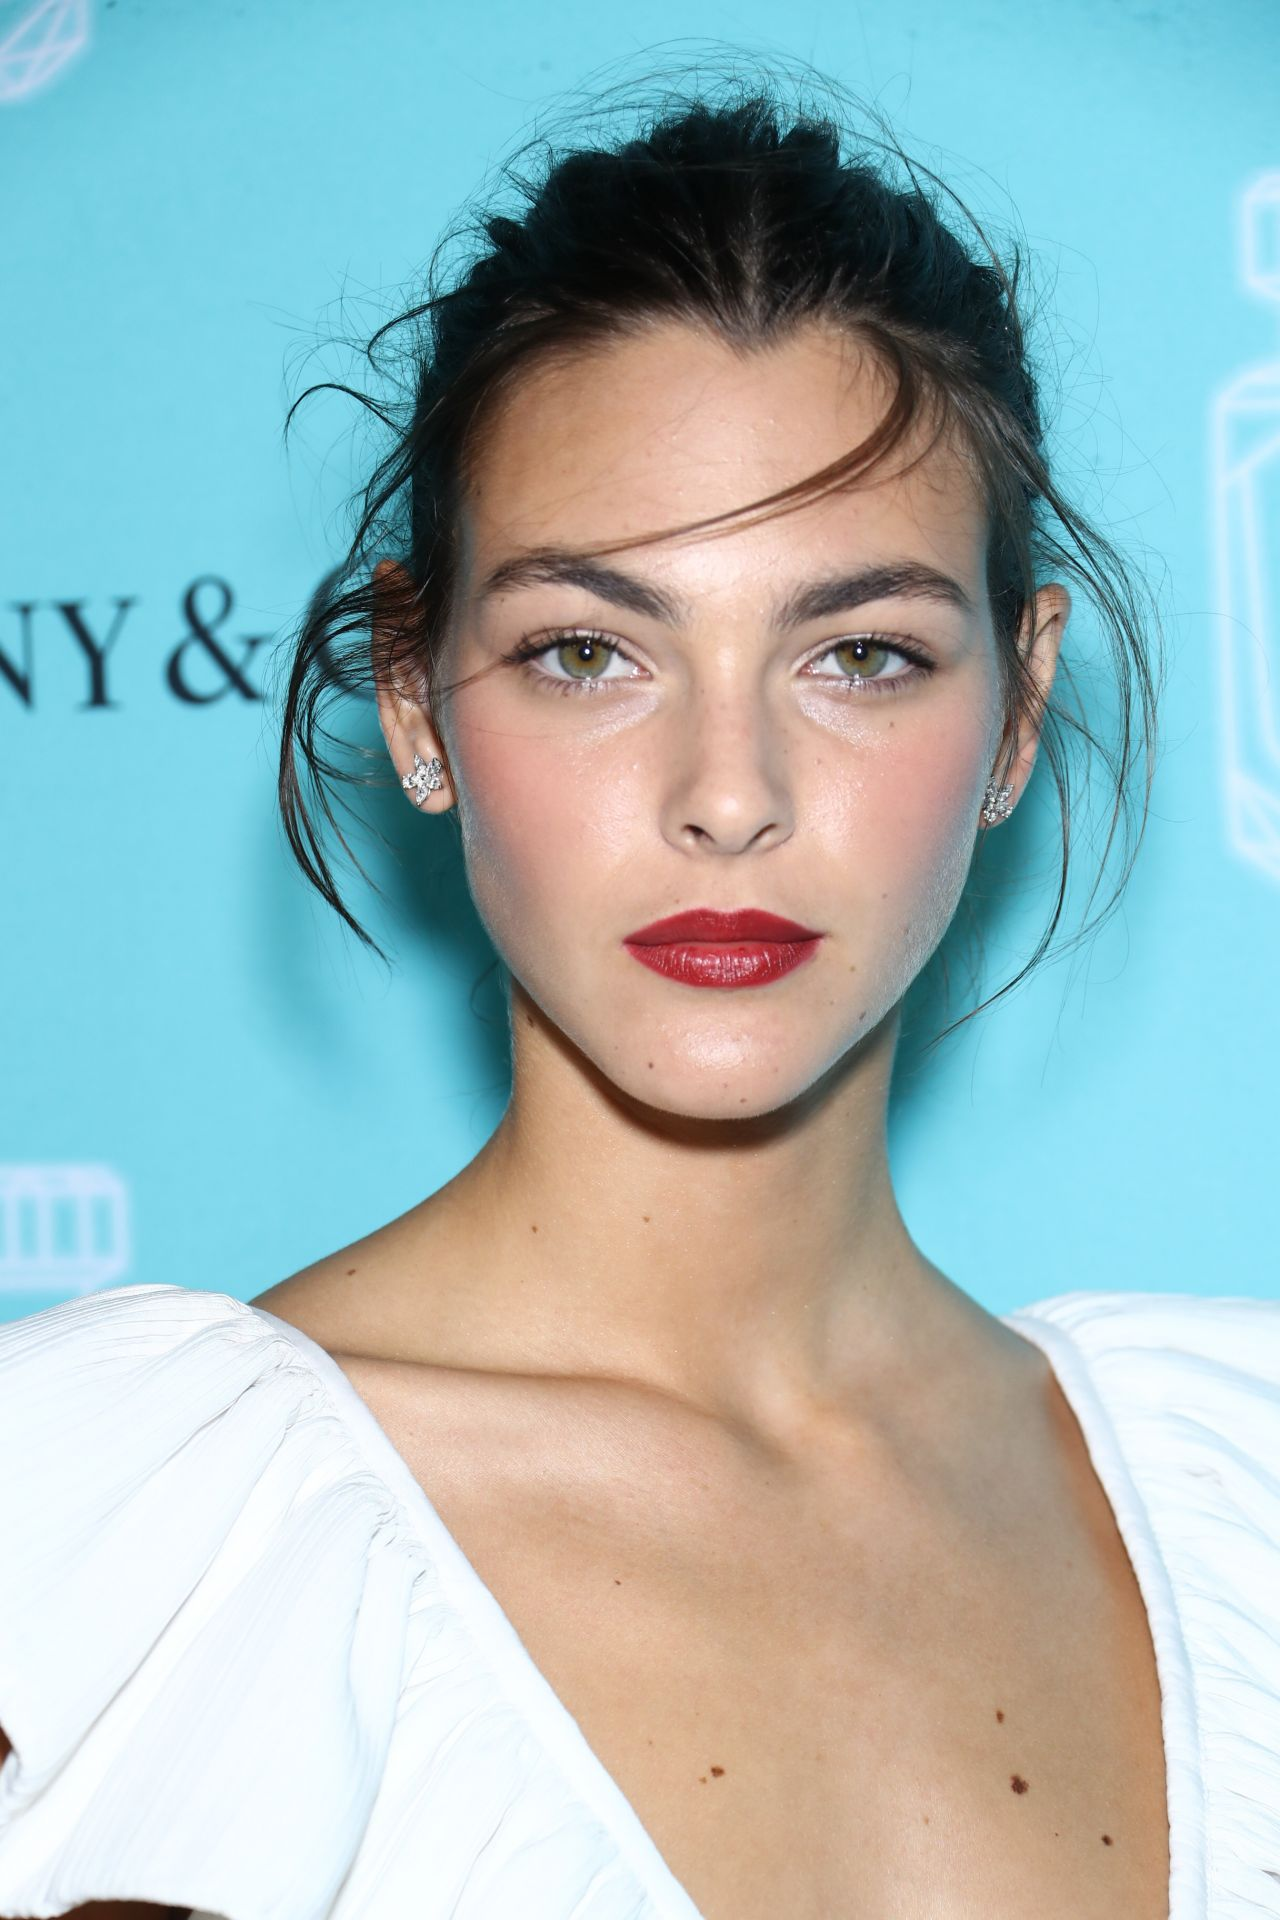 Vittoria Ceretti - Tiffany & Co Fragrance Launch in NYC 09